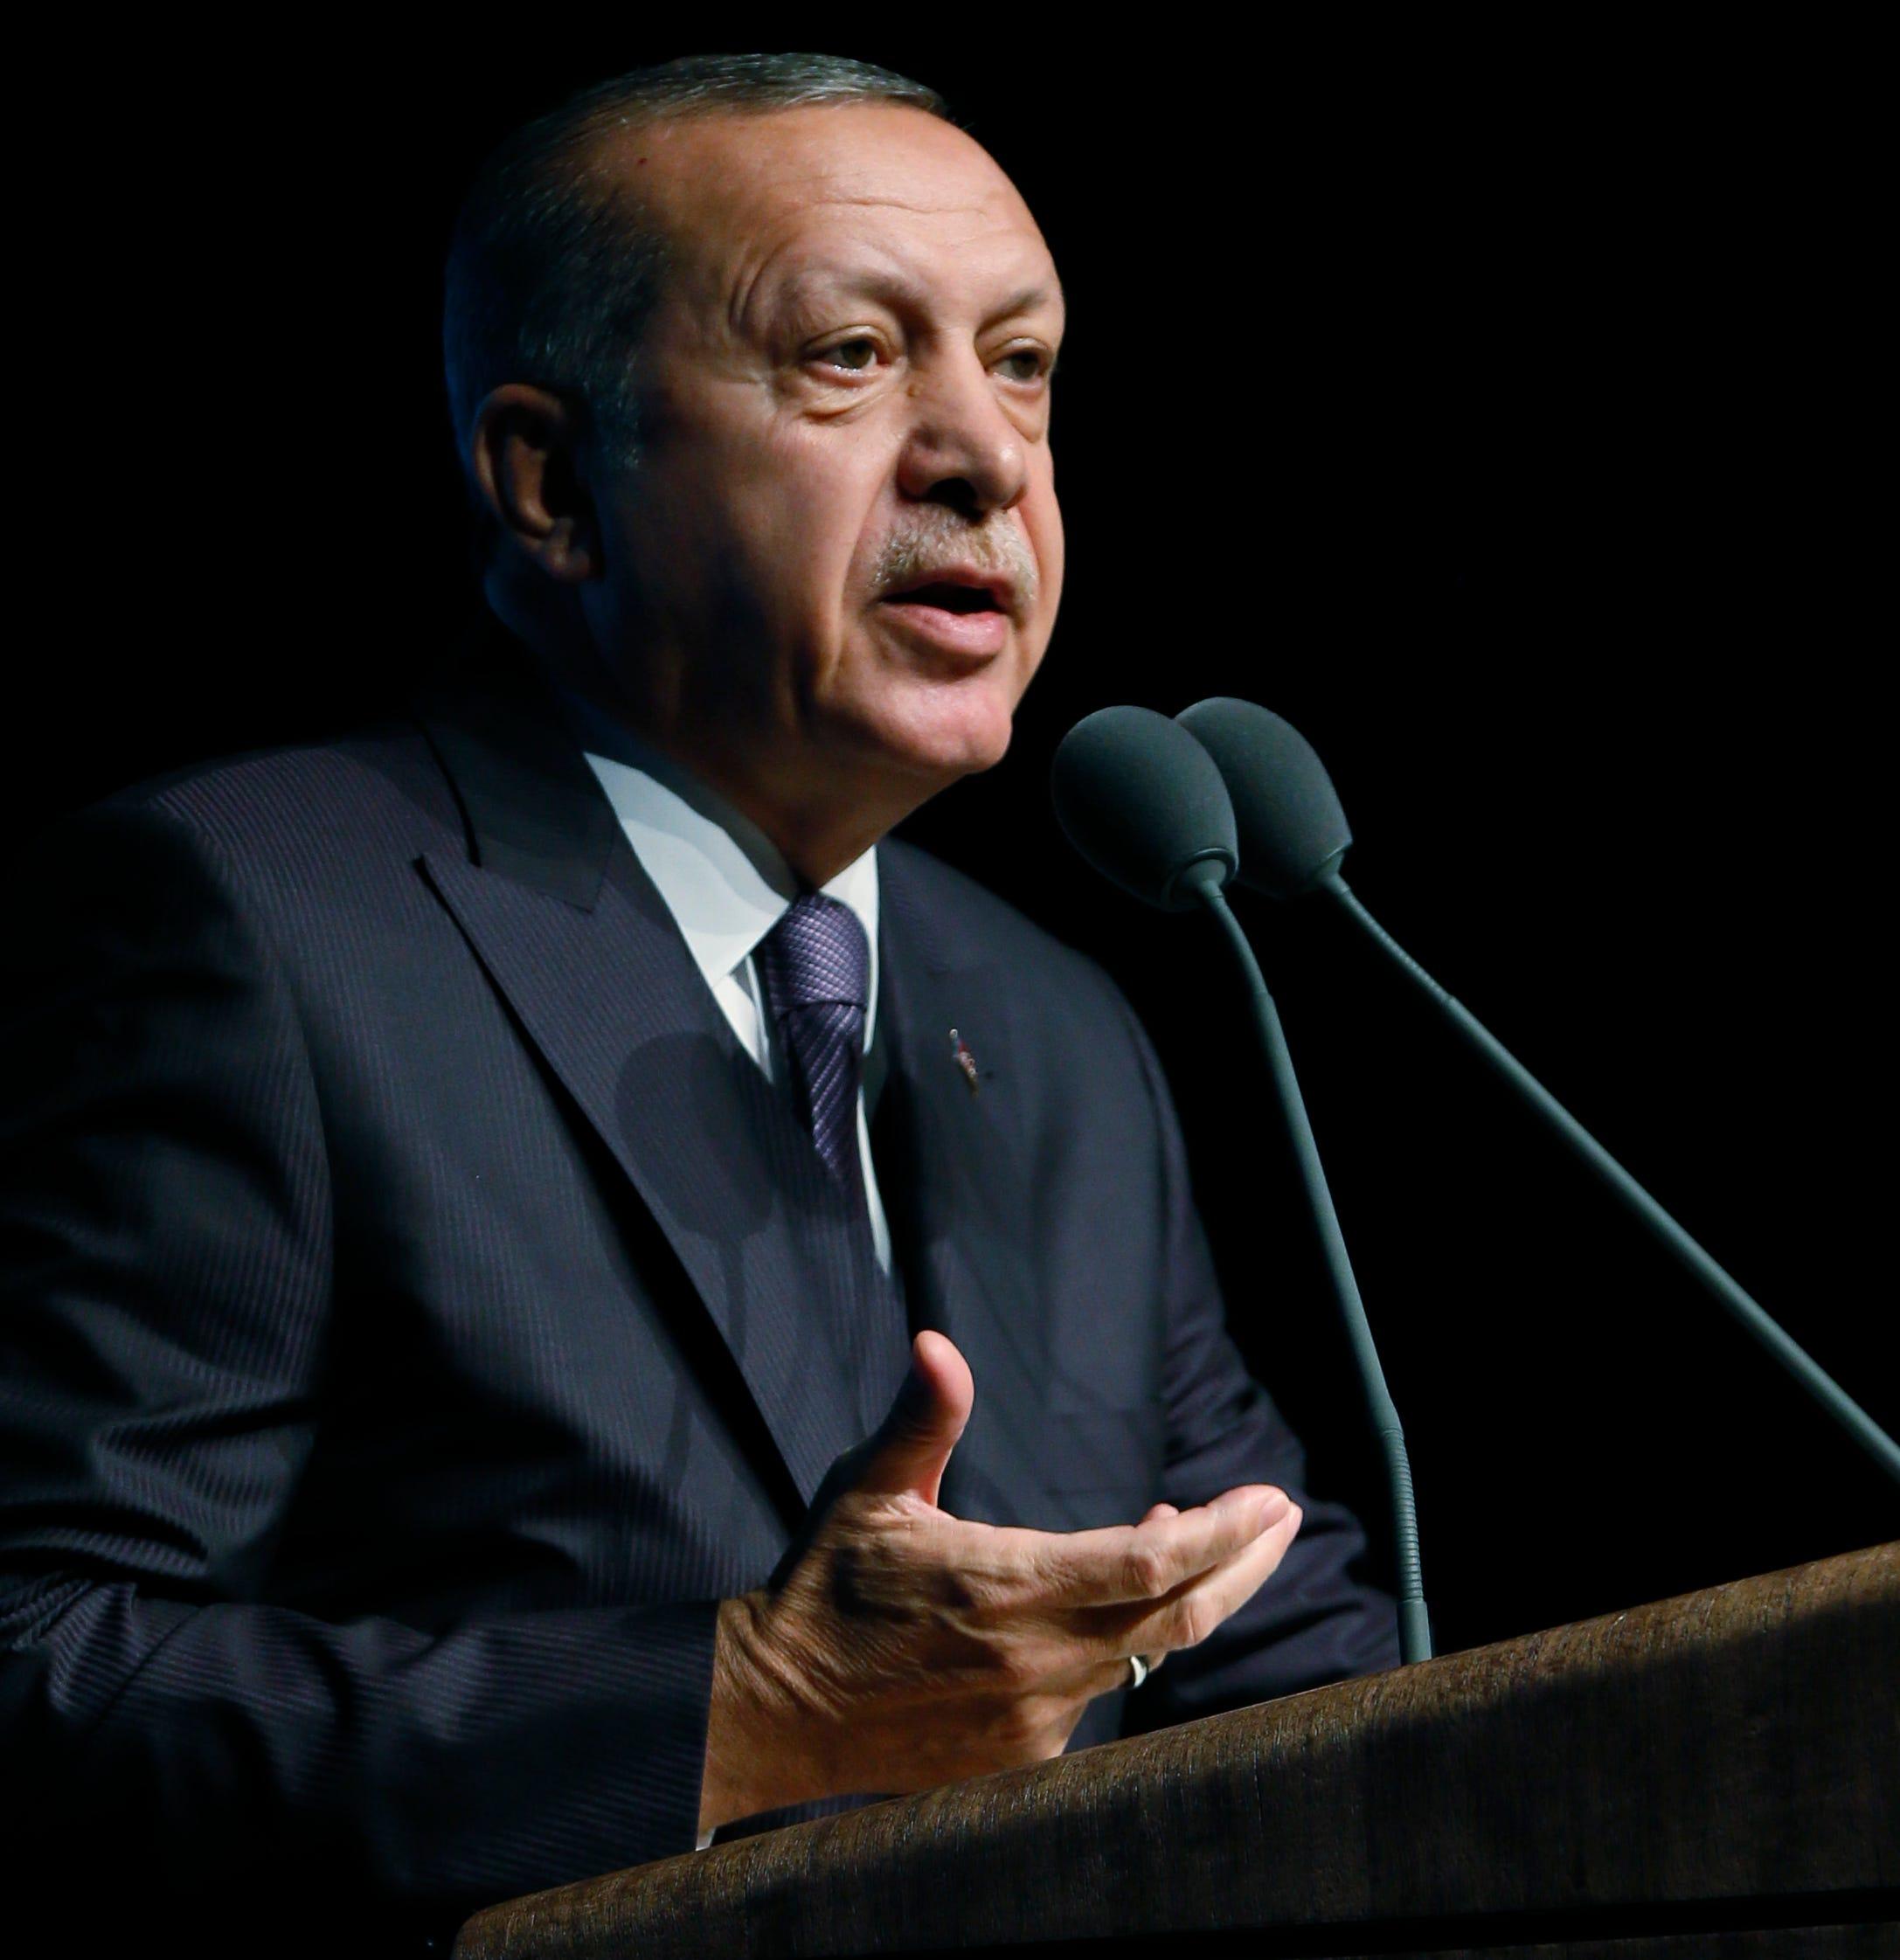 Turkey's President Recep Tayyip Erdogan is pictured speaking at a symposium in Ankara, Turkey.